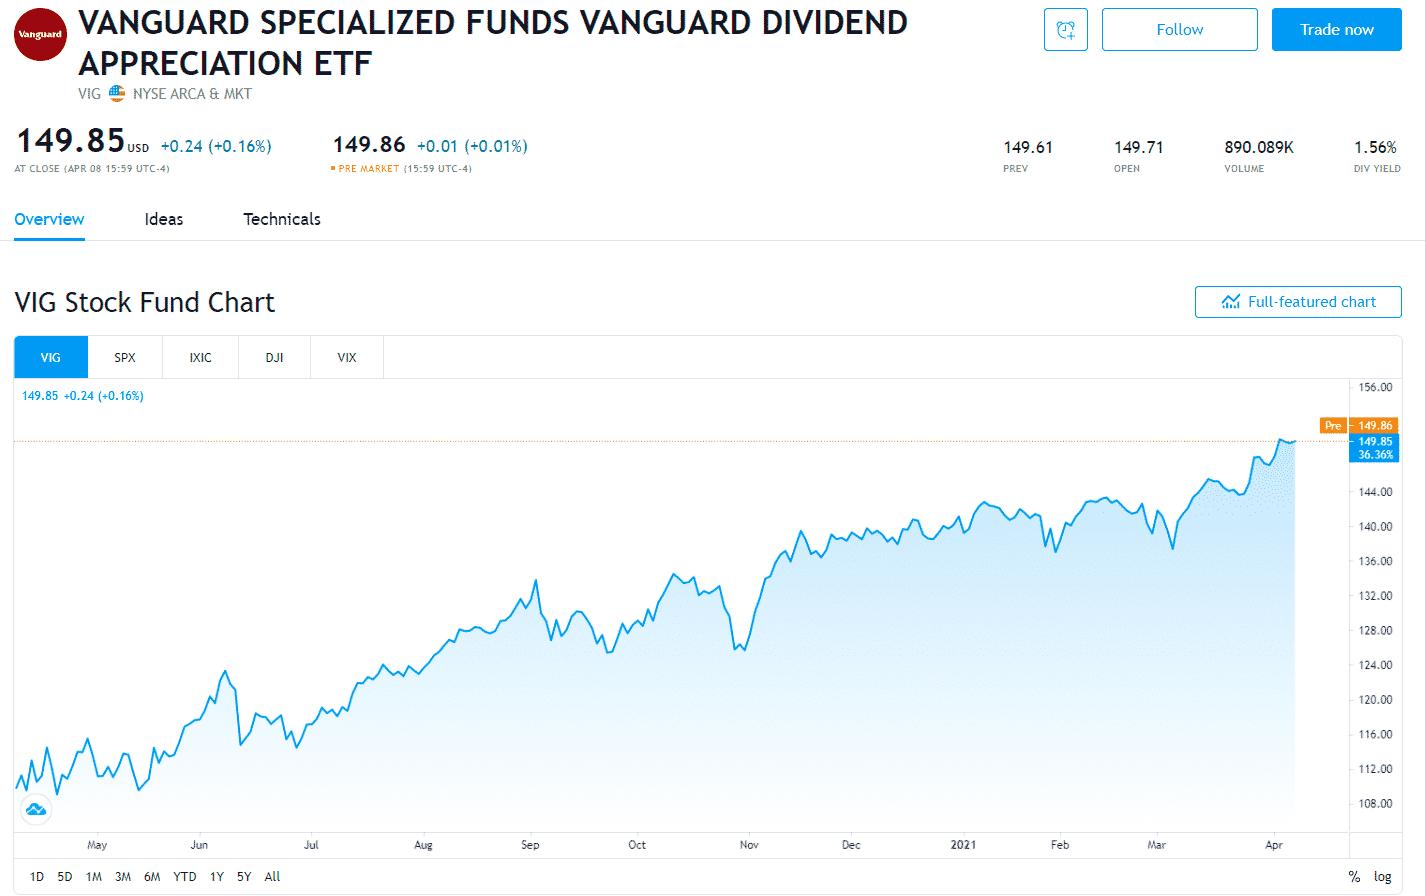 Vanguard Dividend Appreciation ETF (VIG)